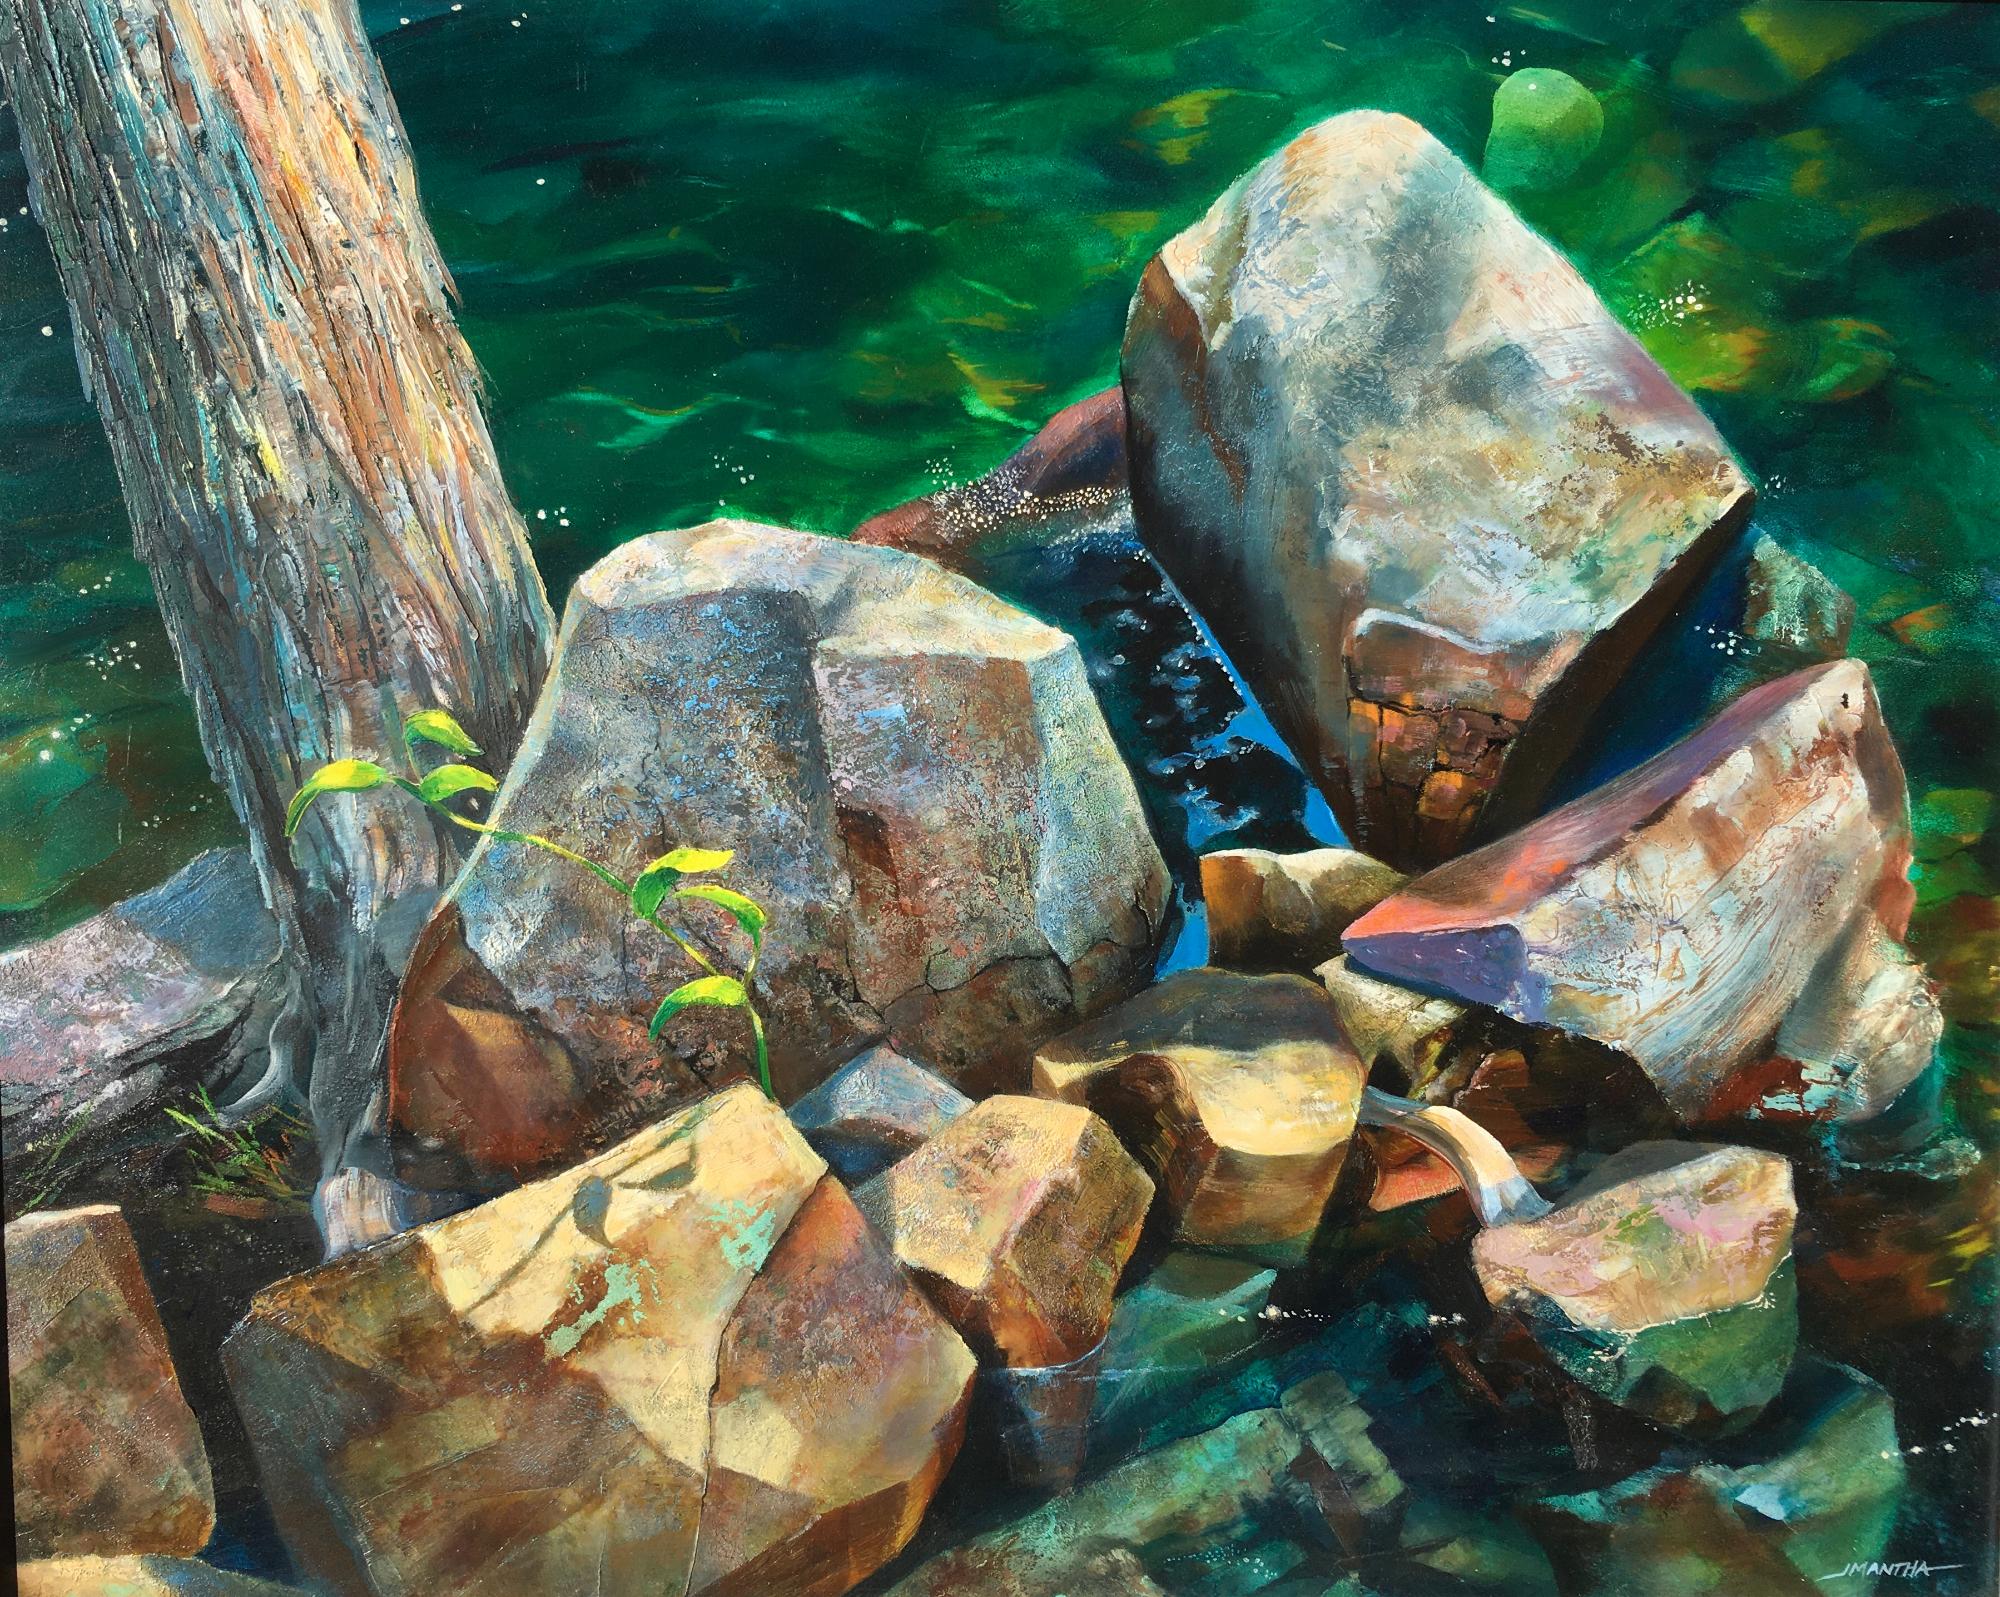 Golden rocks revised v7xujw